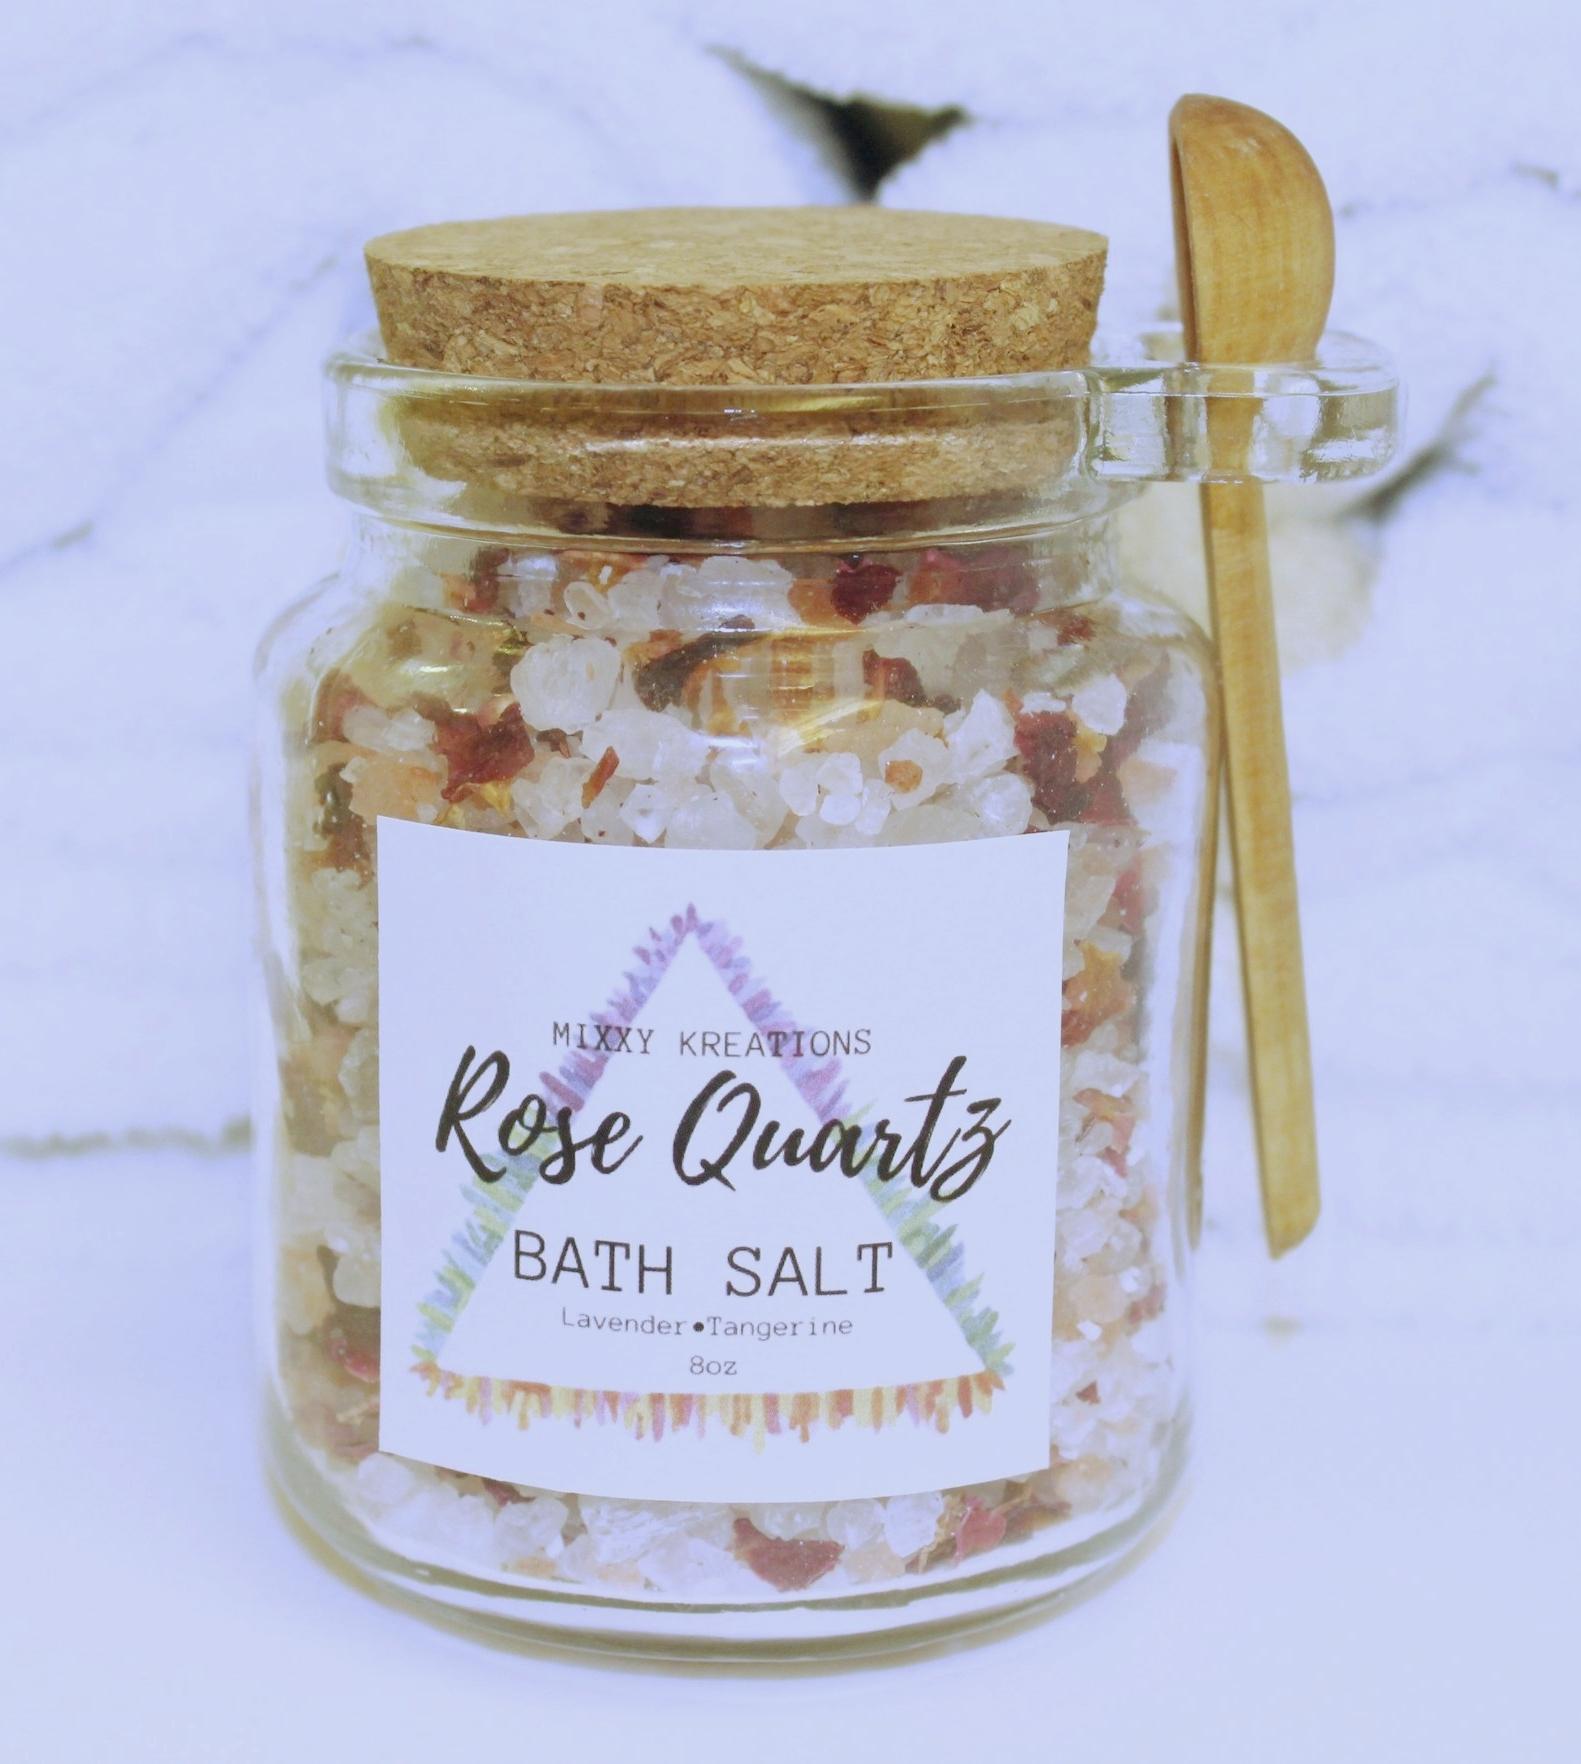 Rose Quartz Bath Salt by Mixxy Kreations, $18.00